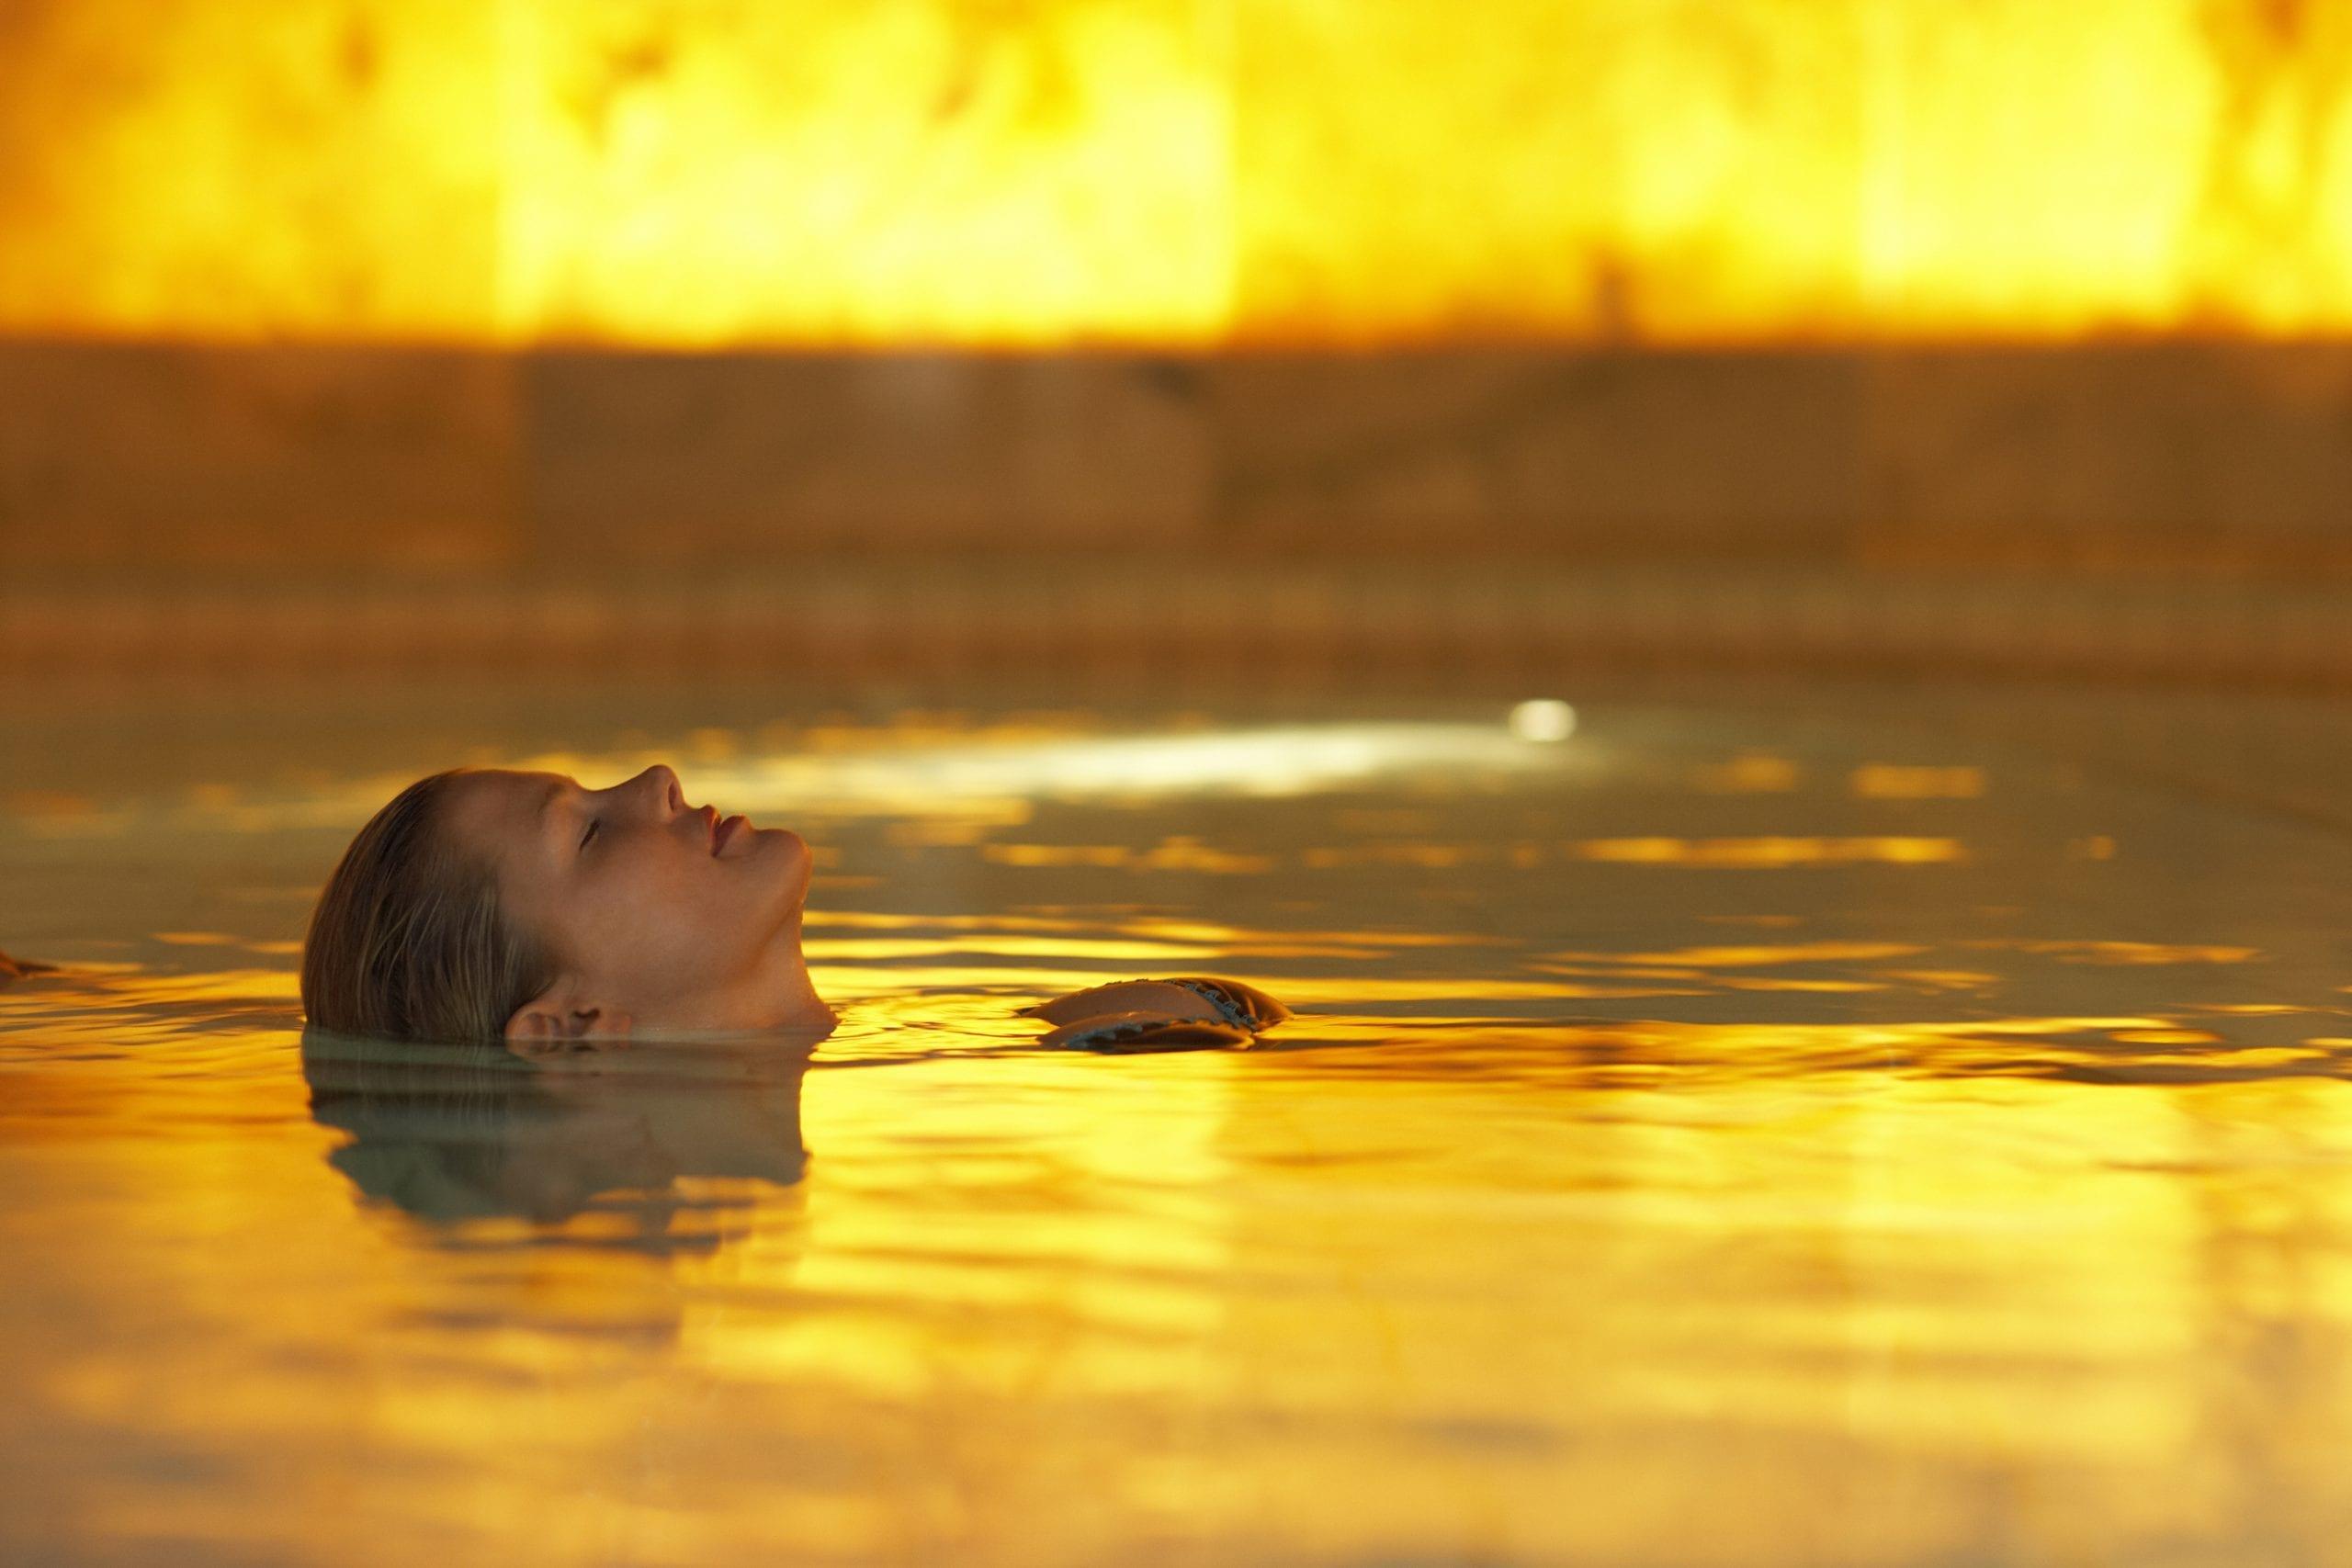 Floating im Wasser schweben